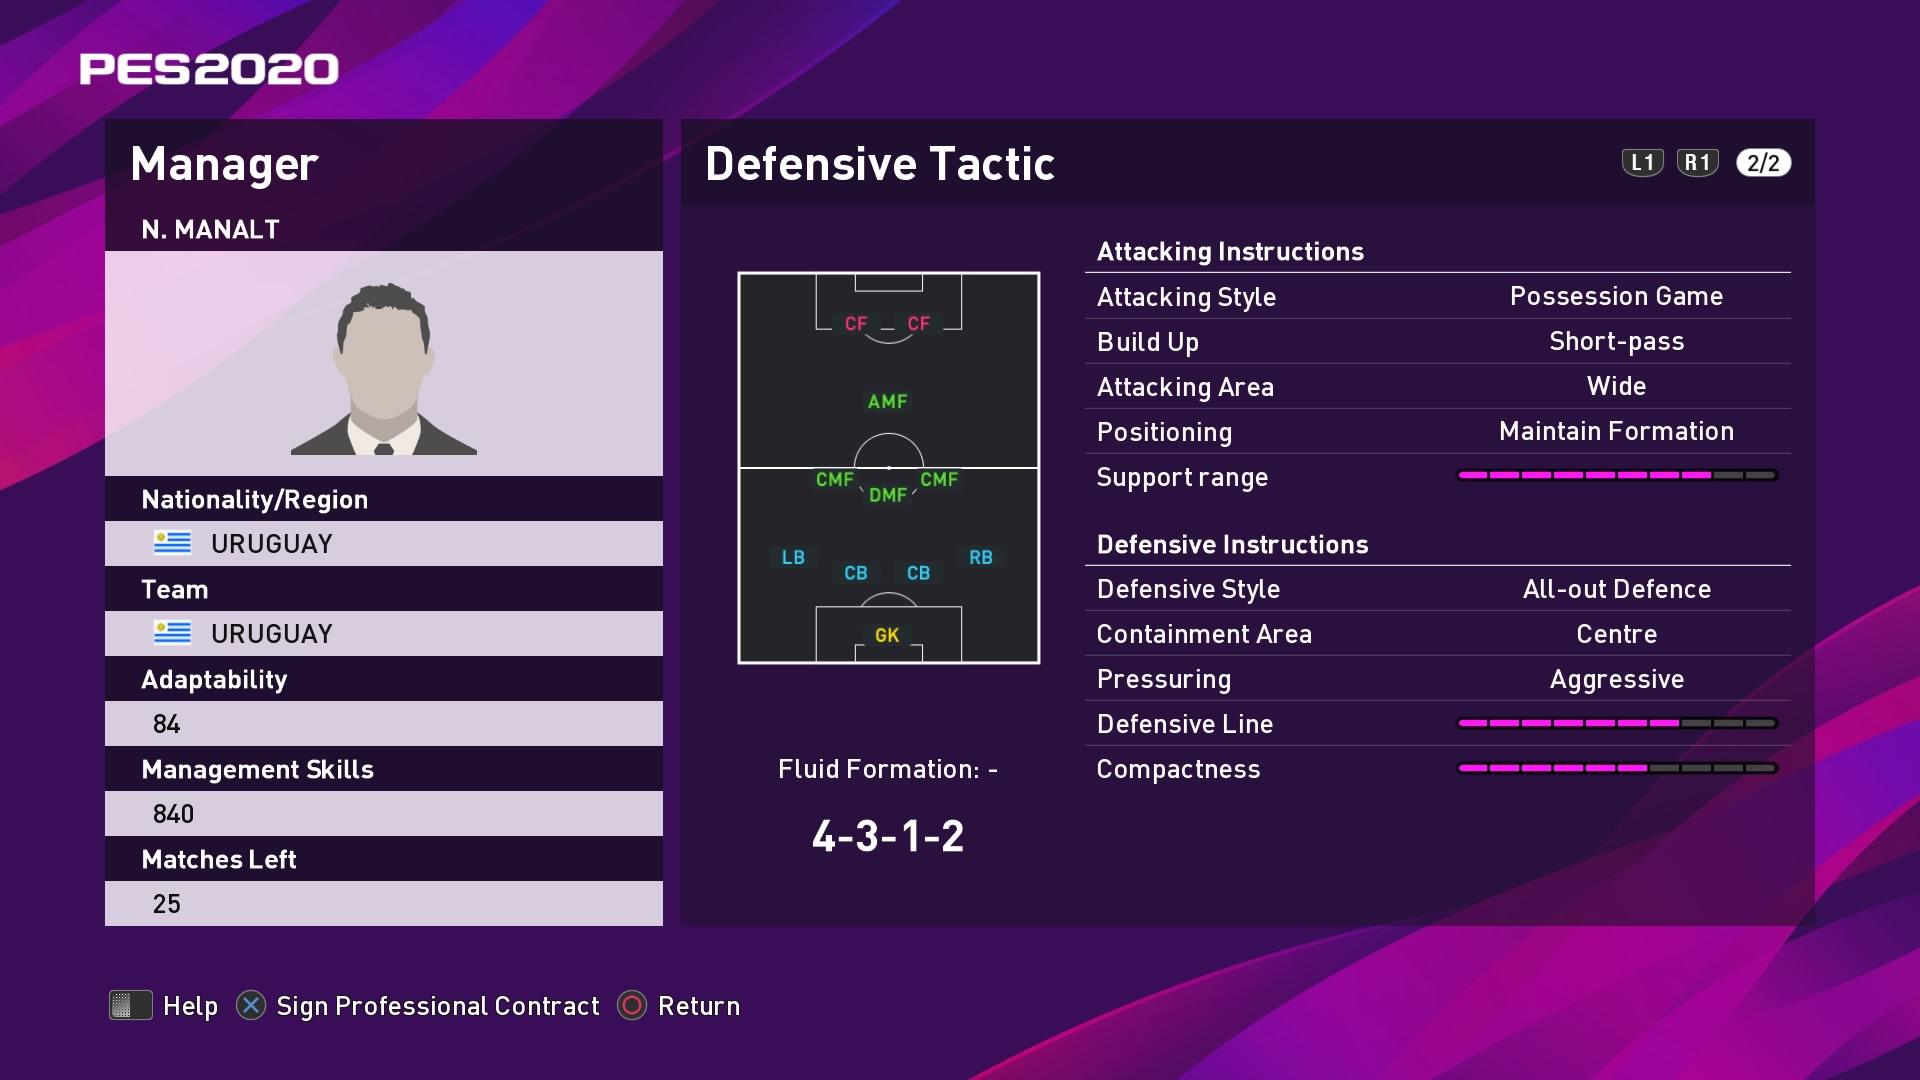 N. Manalt (Óscar Tabárez) Defensive Tactic in PES 2020 myClub